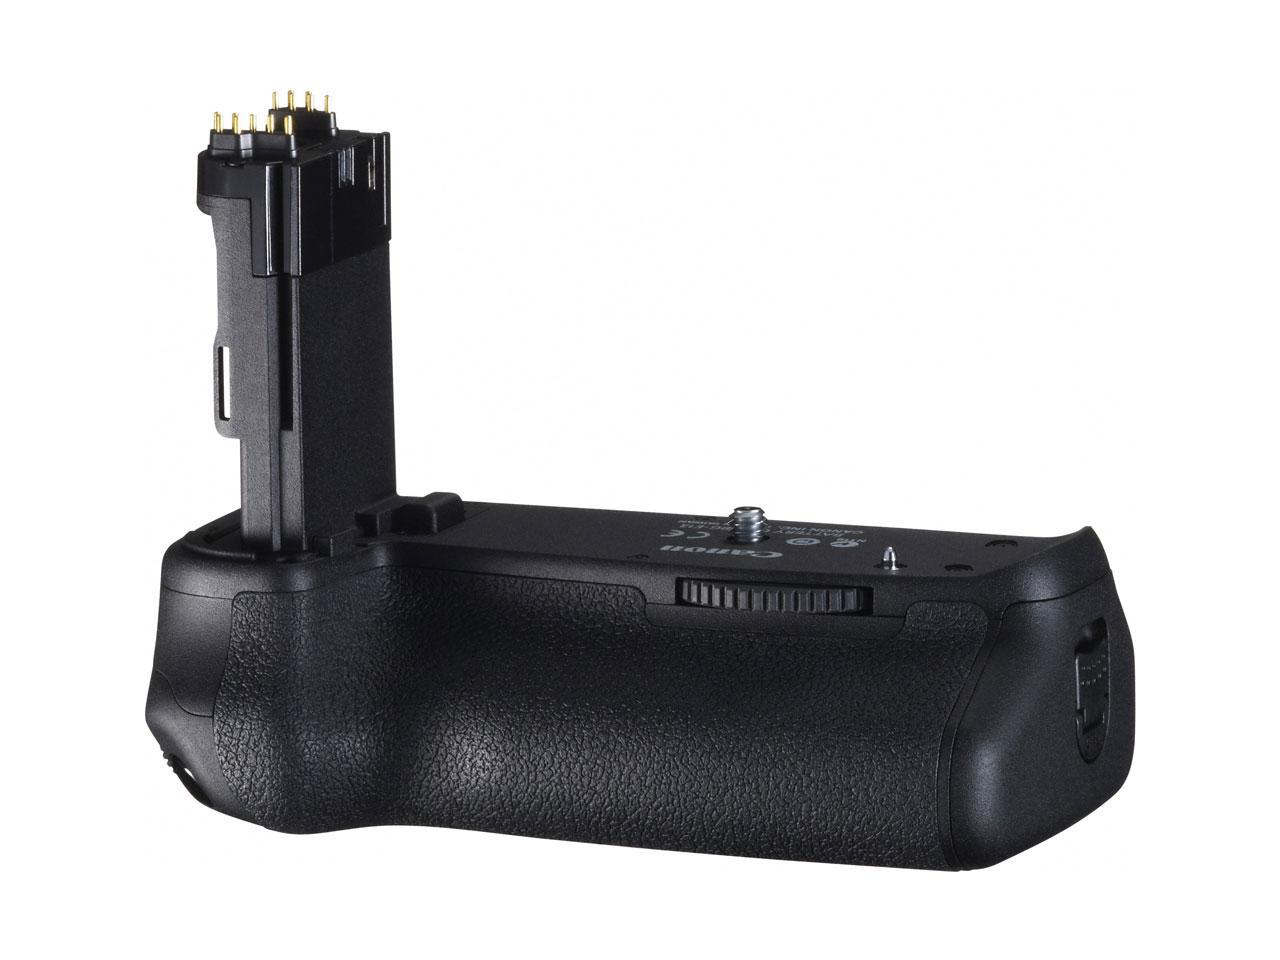 BG-E13